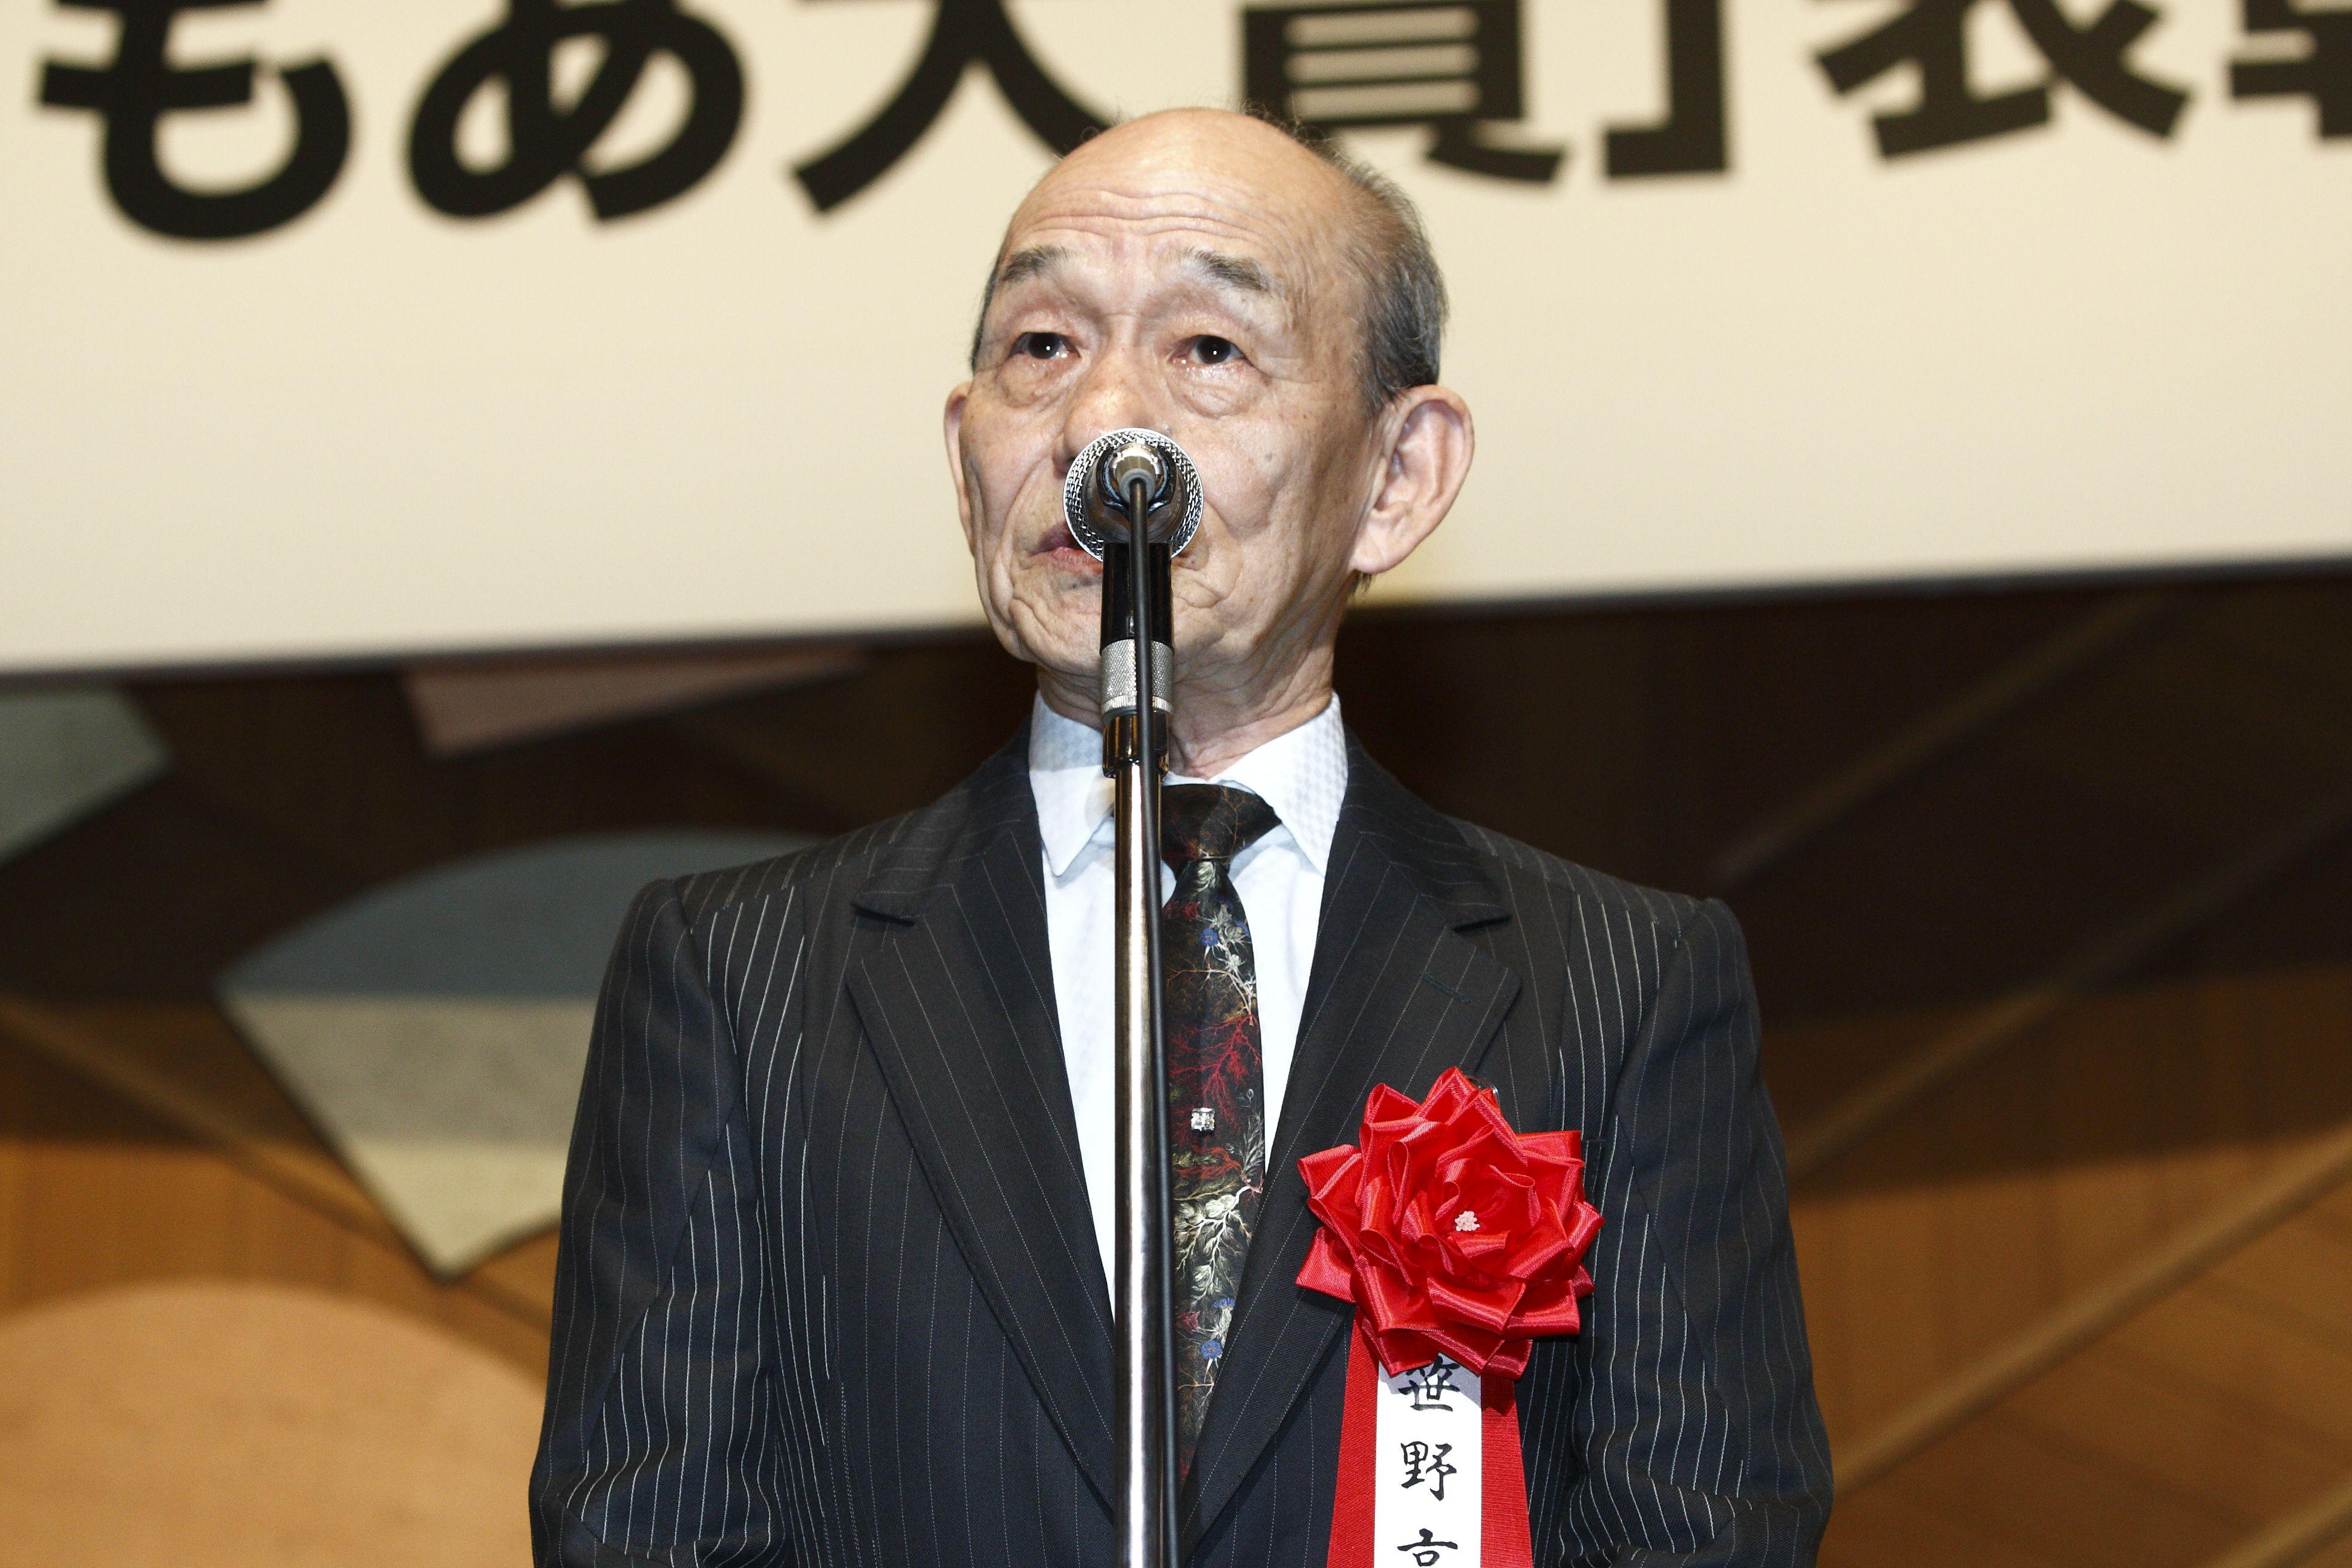 古舘伊知郎、草笛光子、笹野高史「ユーモア話」年末にちょっと笑えるスピーチの画像006